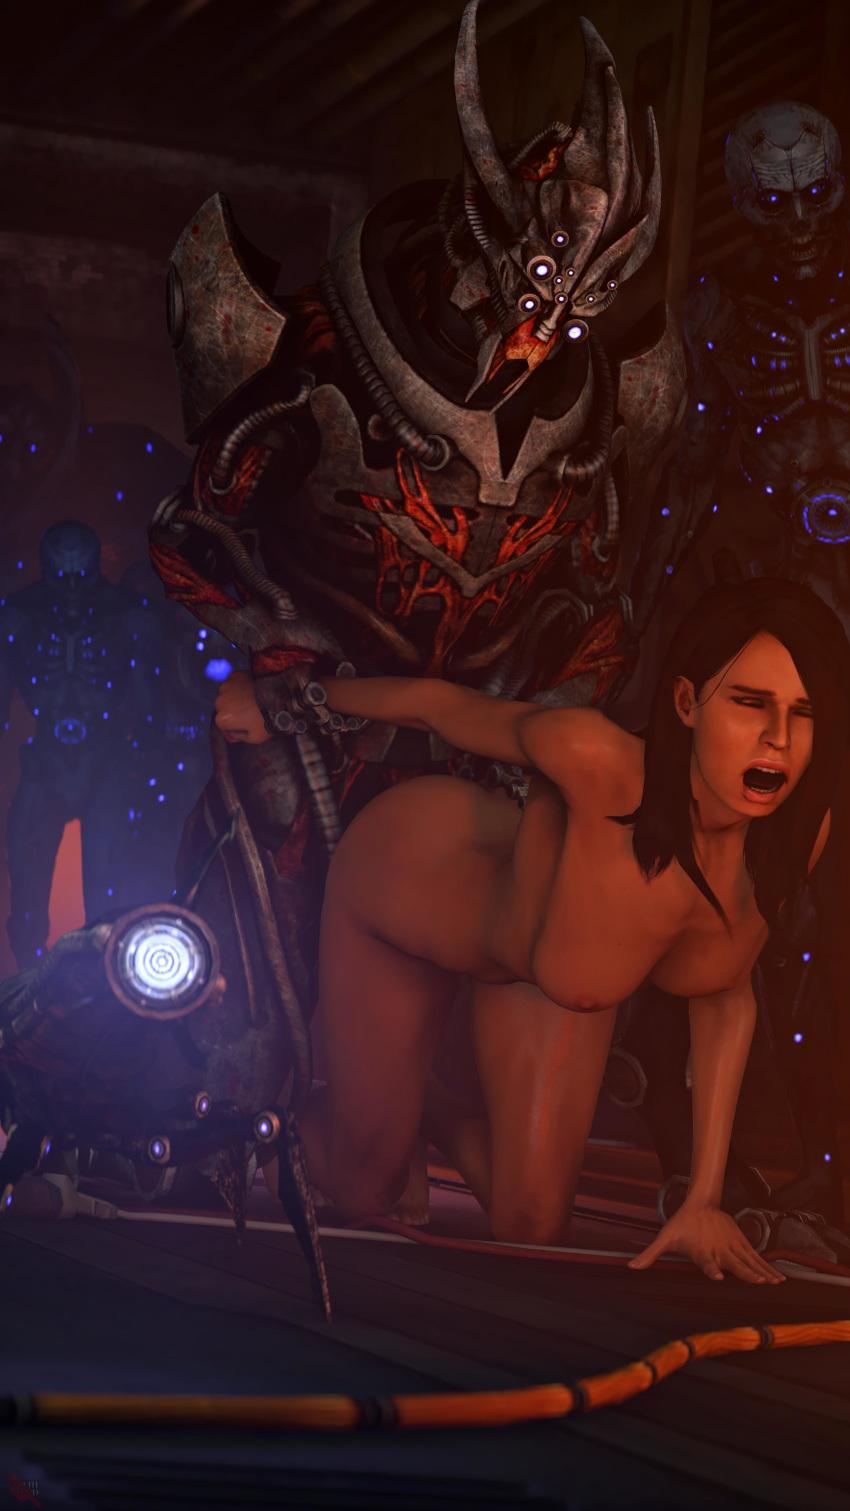 mass on male futa effect Fallout 3 seagrave or bannon